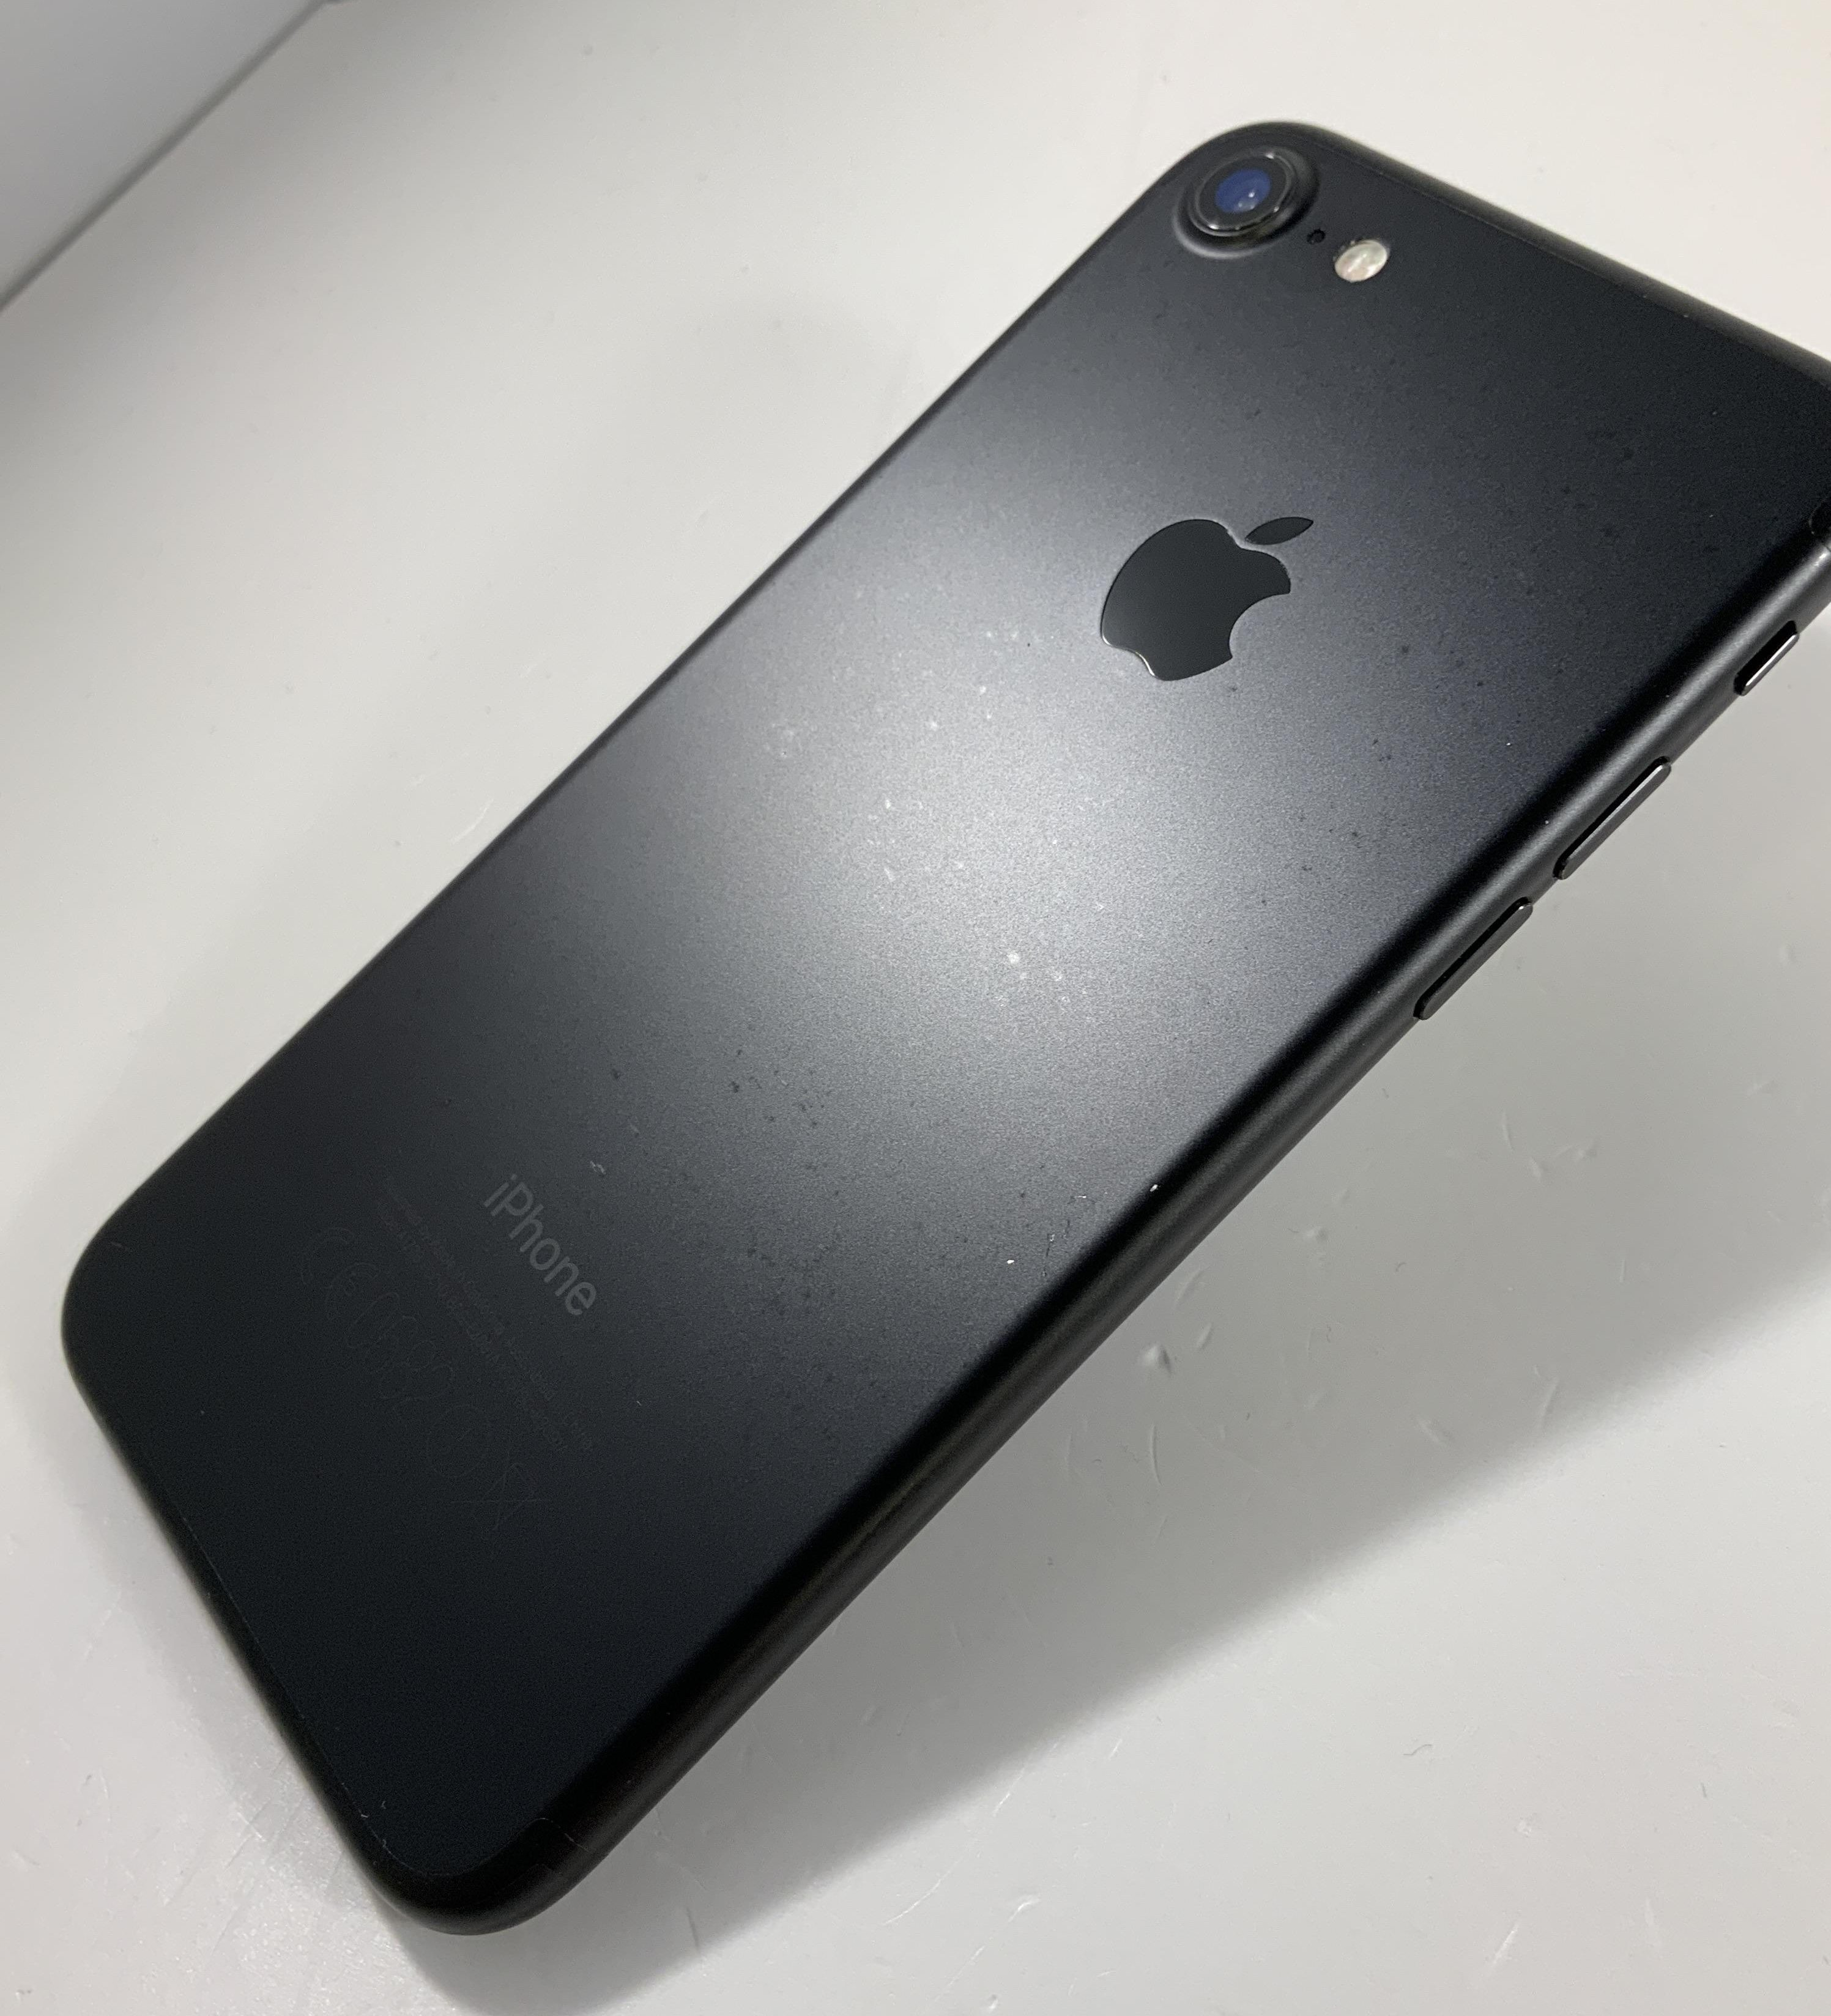 iPhone 7 32GB, 32GB, Black, image 4